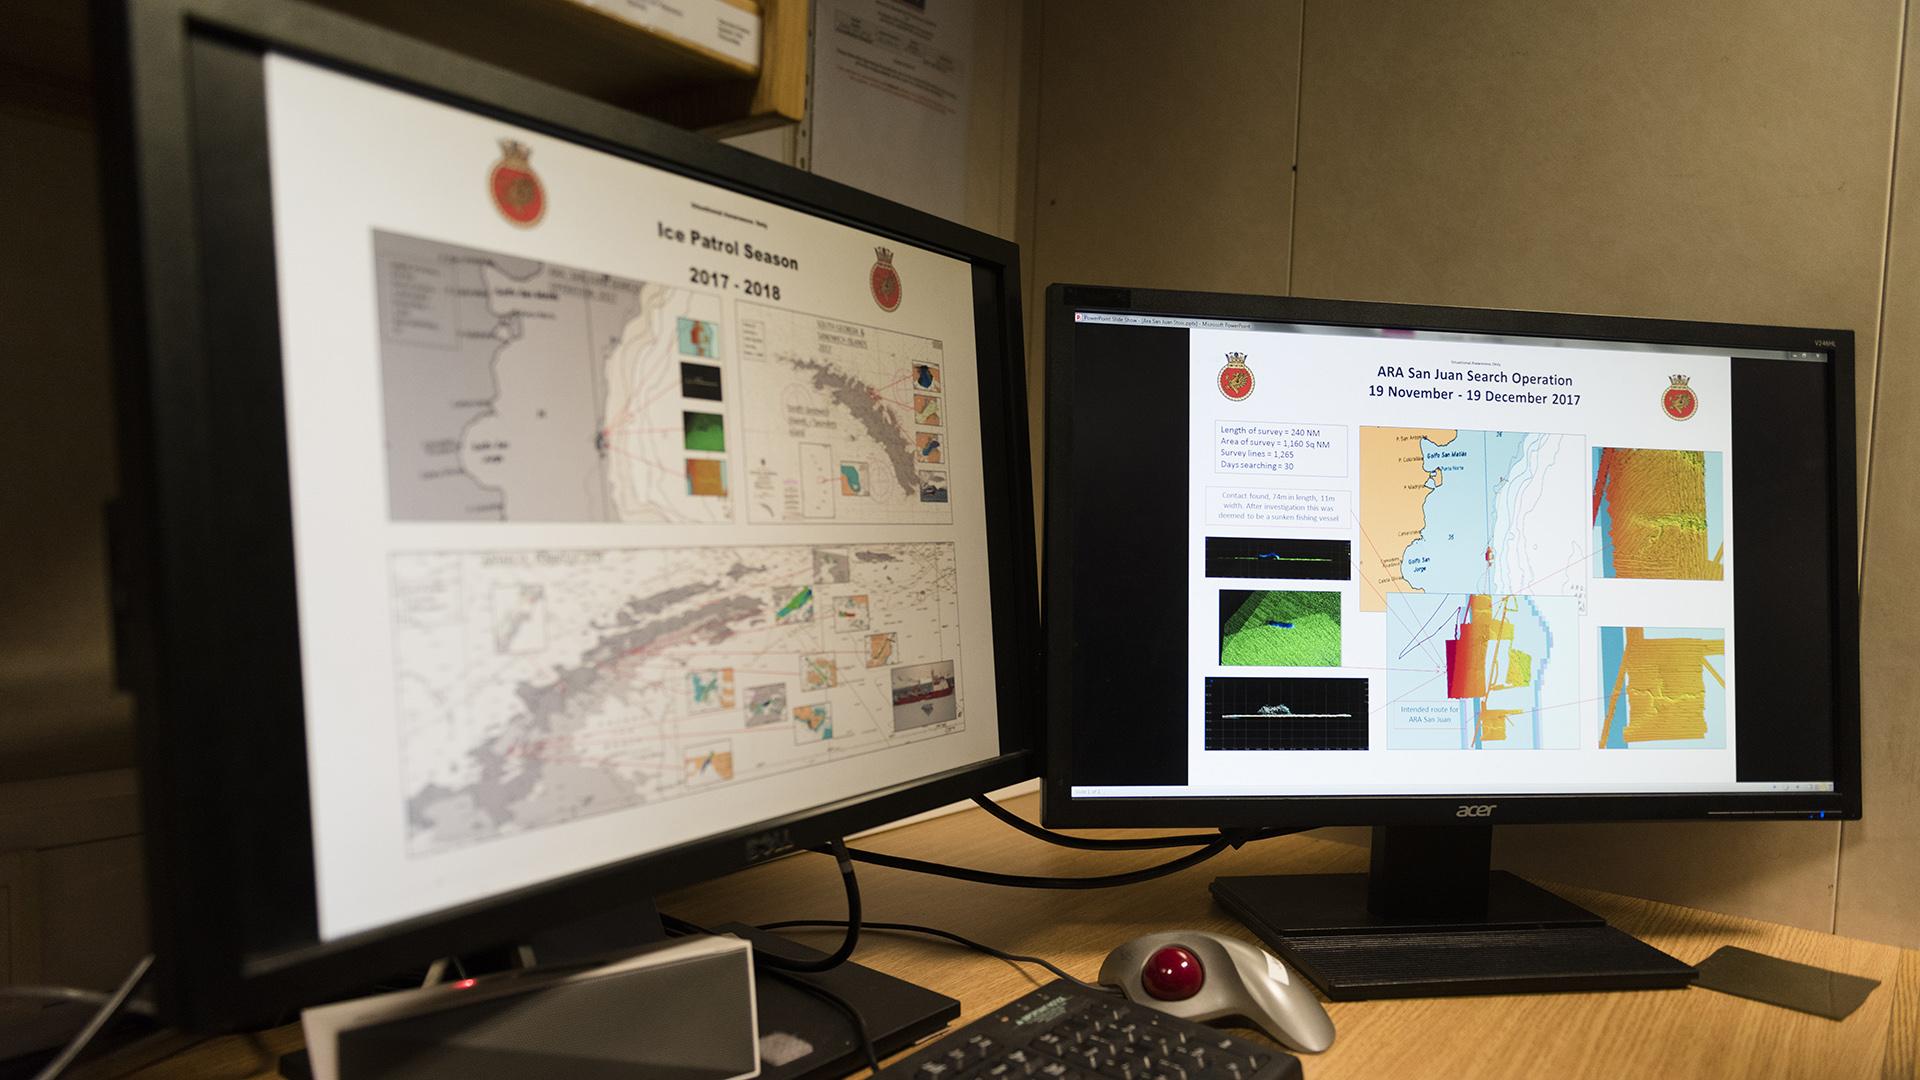 En las pantallas, algunos de los resultados del barrido realizado por el HMS Protector del lecho marino, en la búsqueda del ARA San Juan